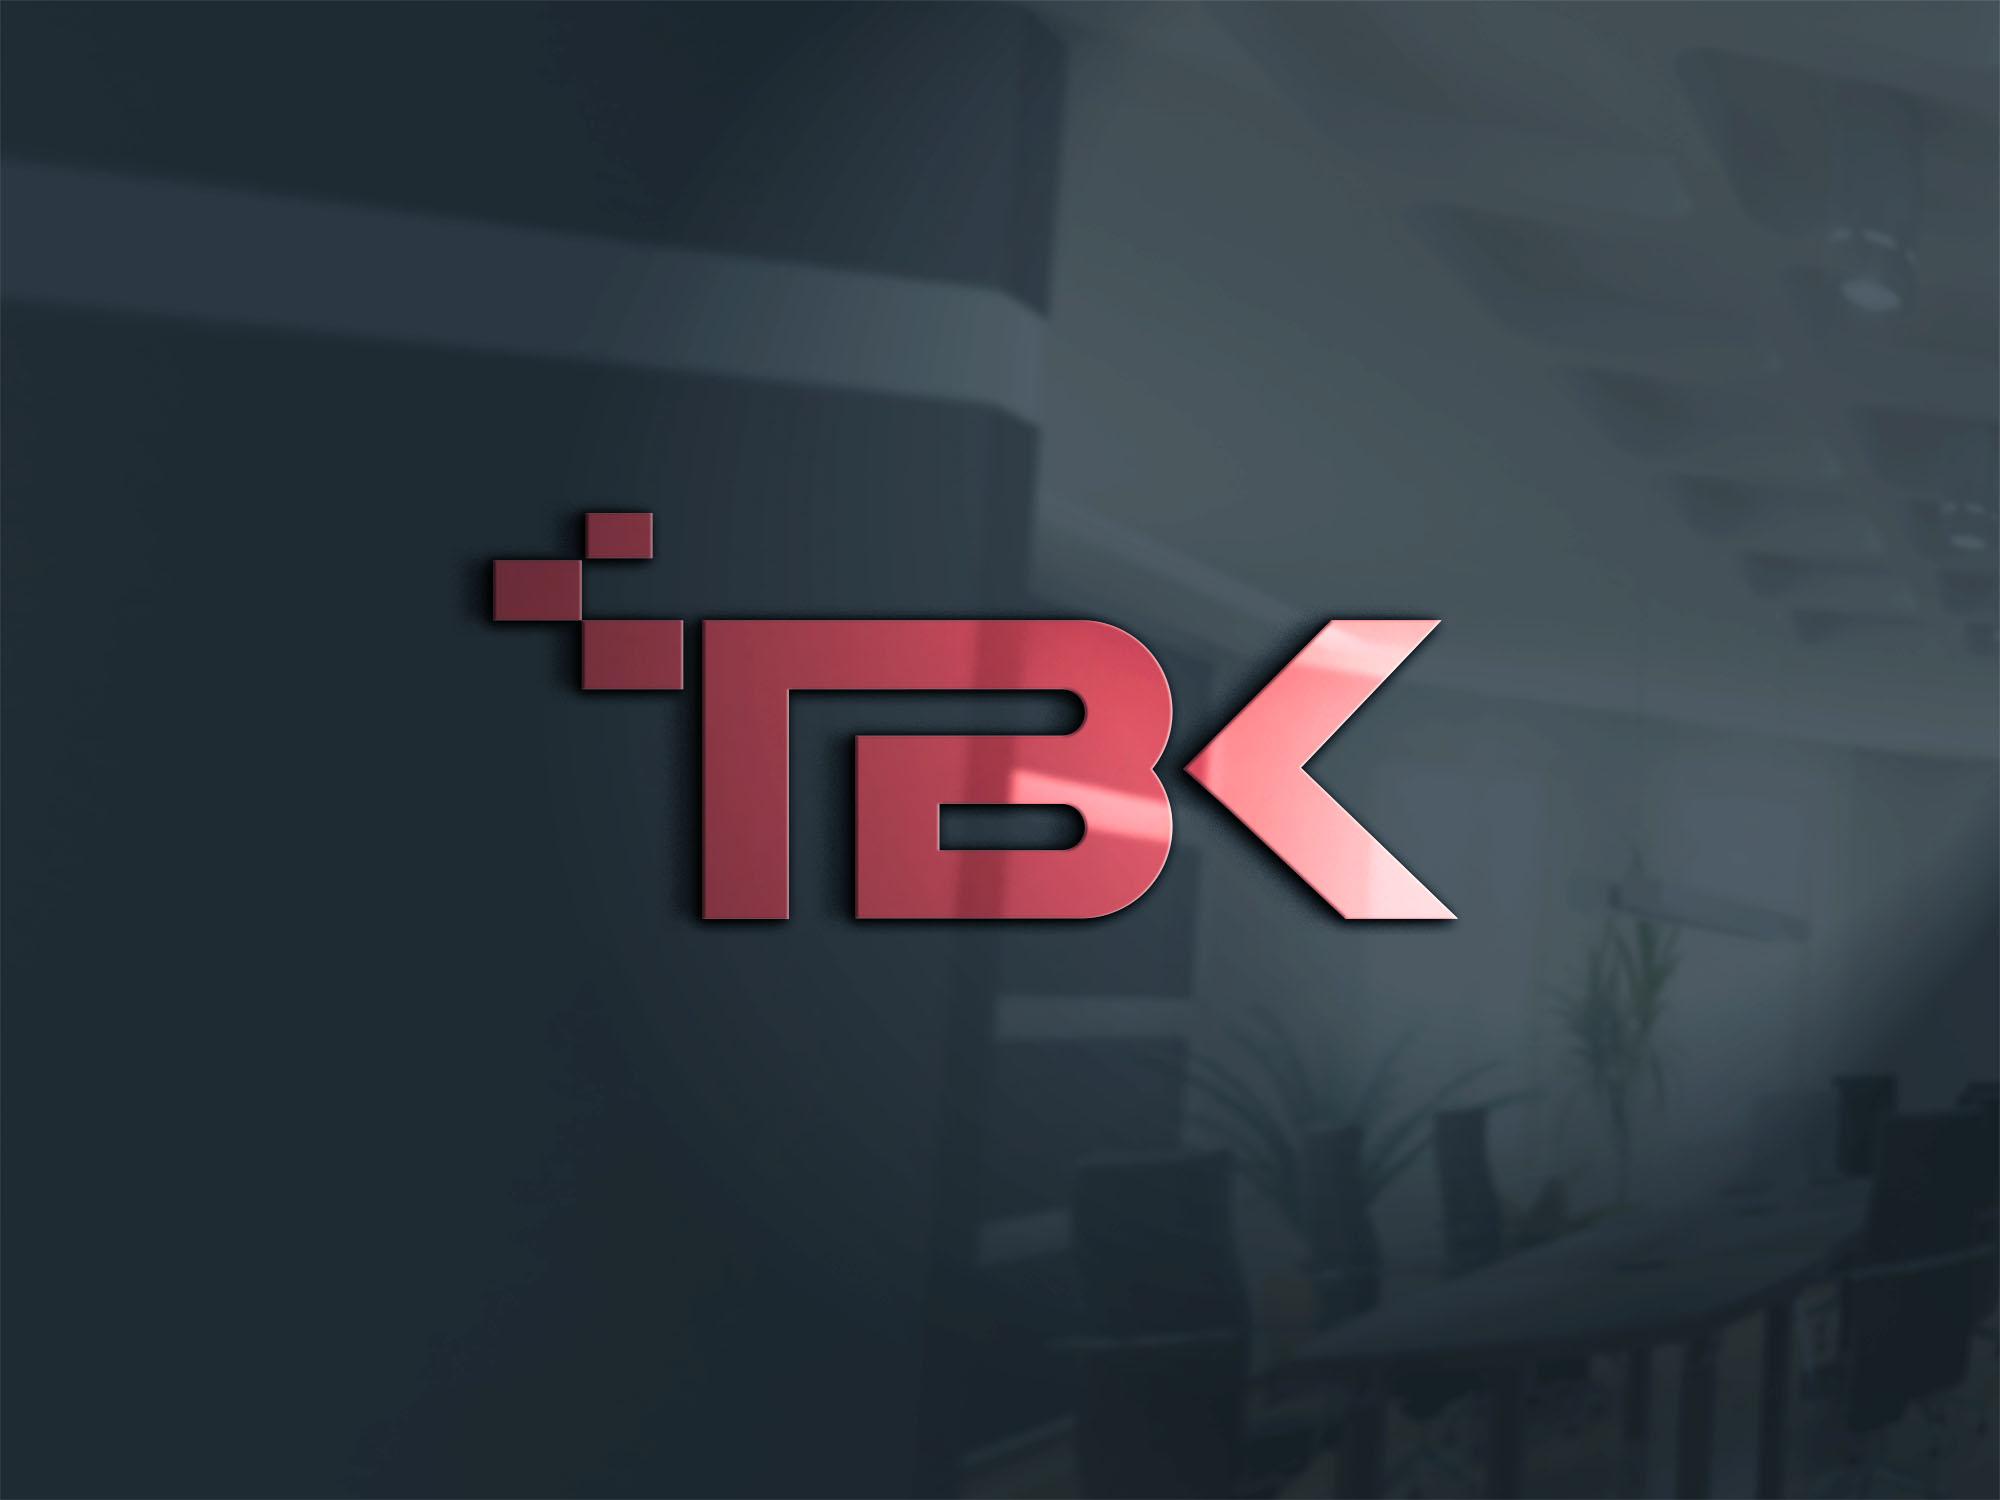 公司Logo设计_3014488_k68威客网